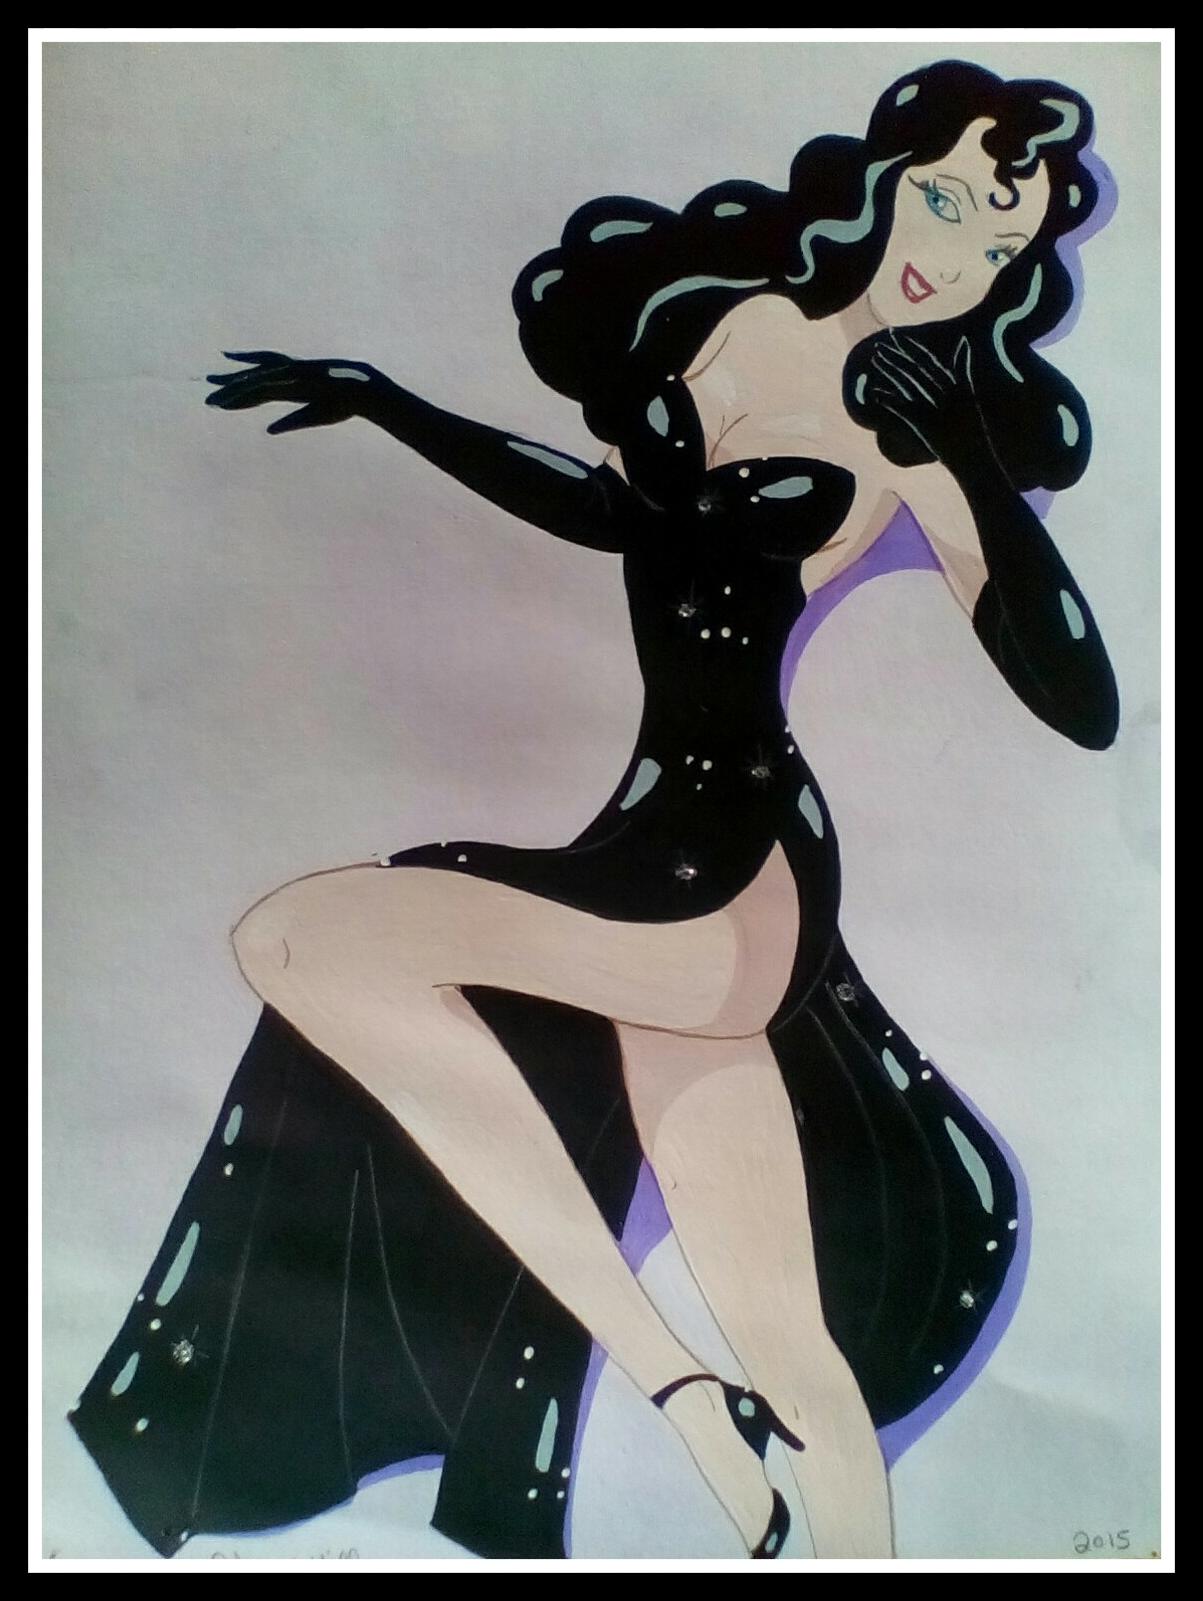 Femme Fatale by FoxyFlapper